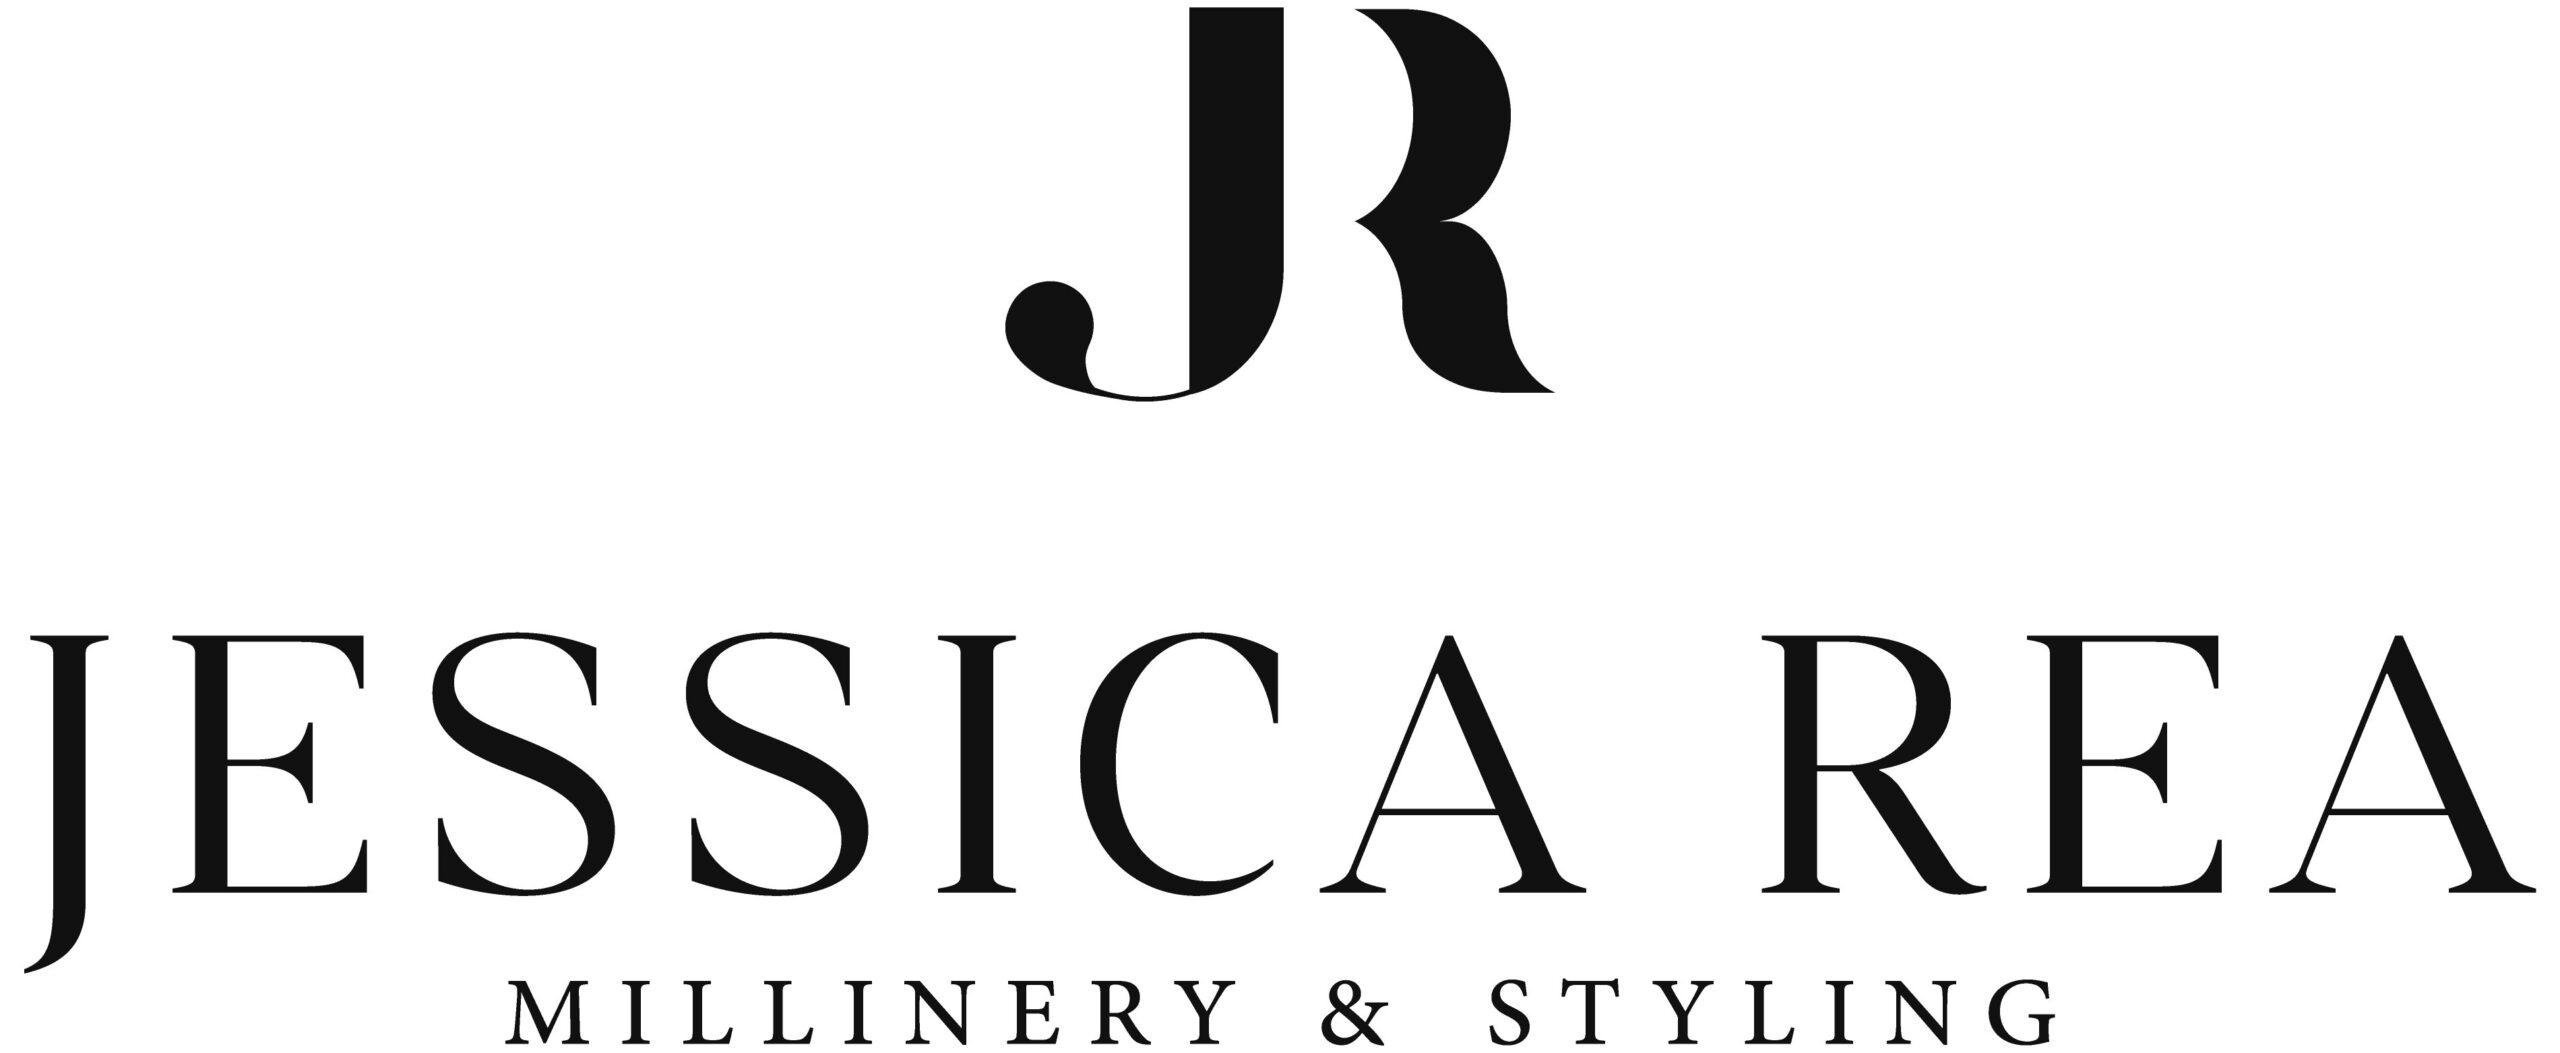 www.jessicareamillinery.co.uk